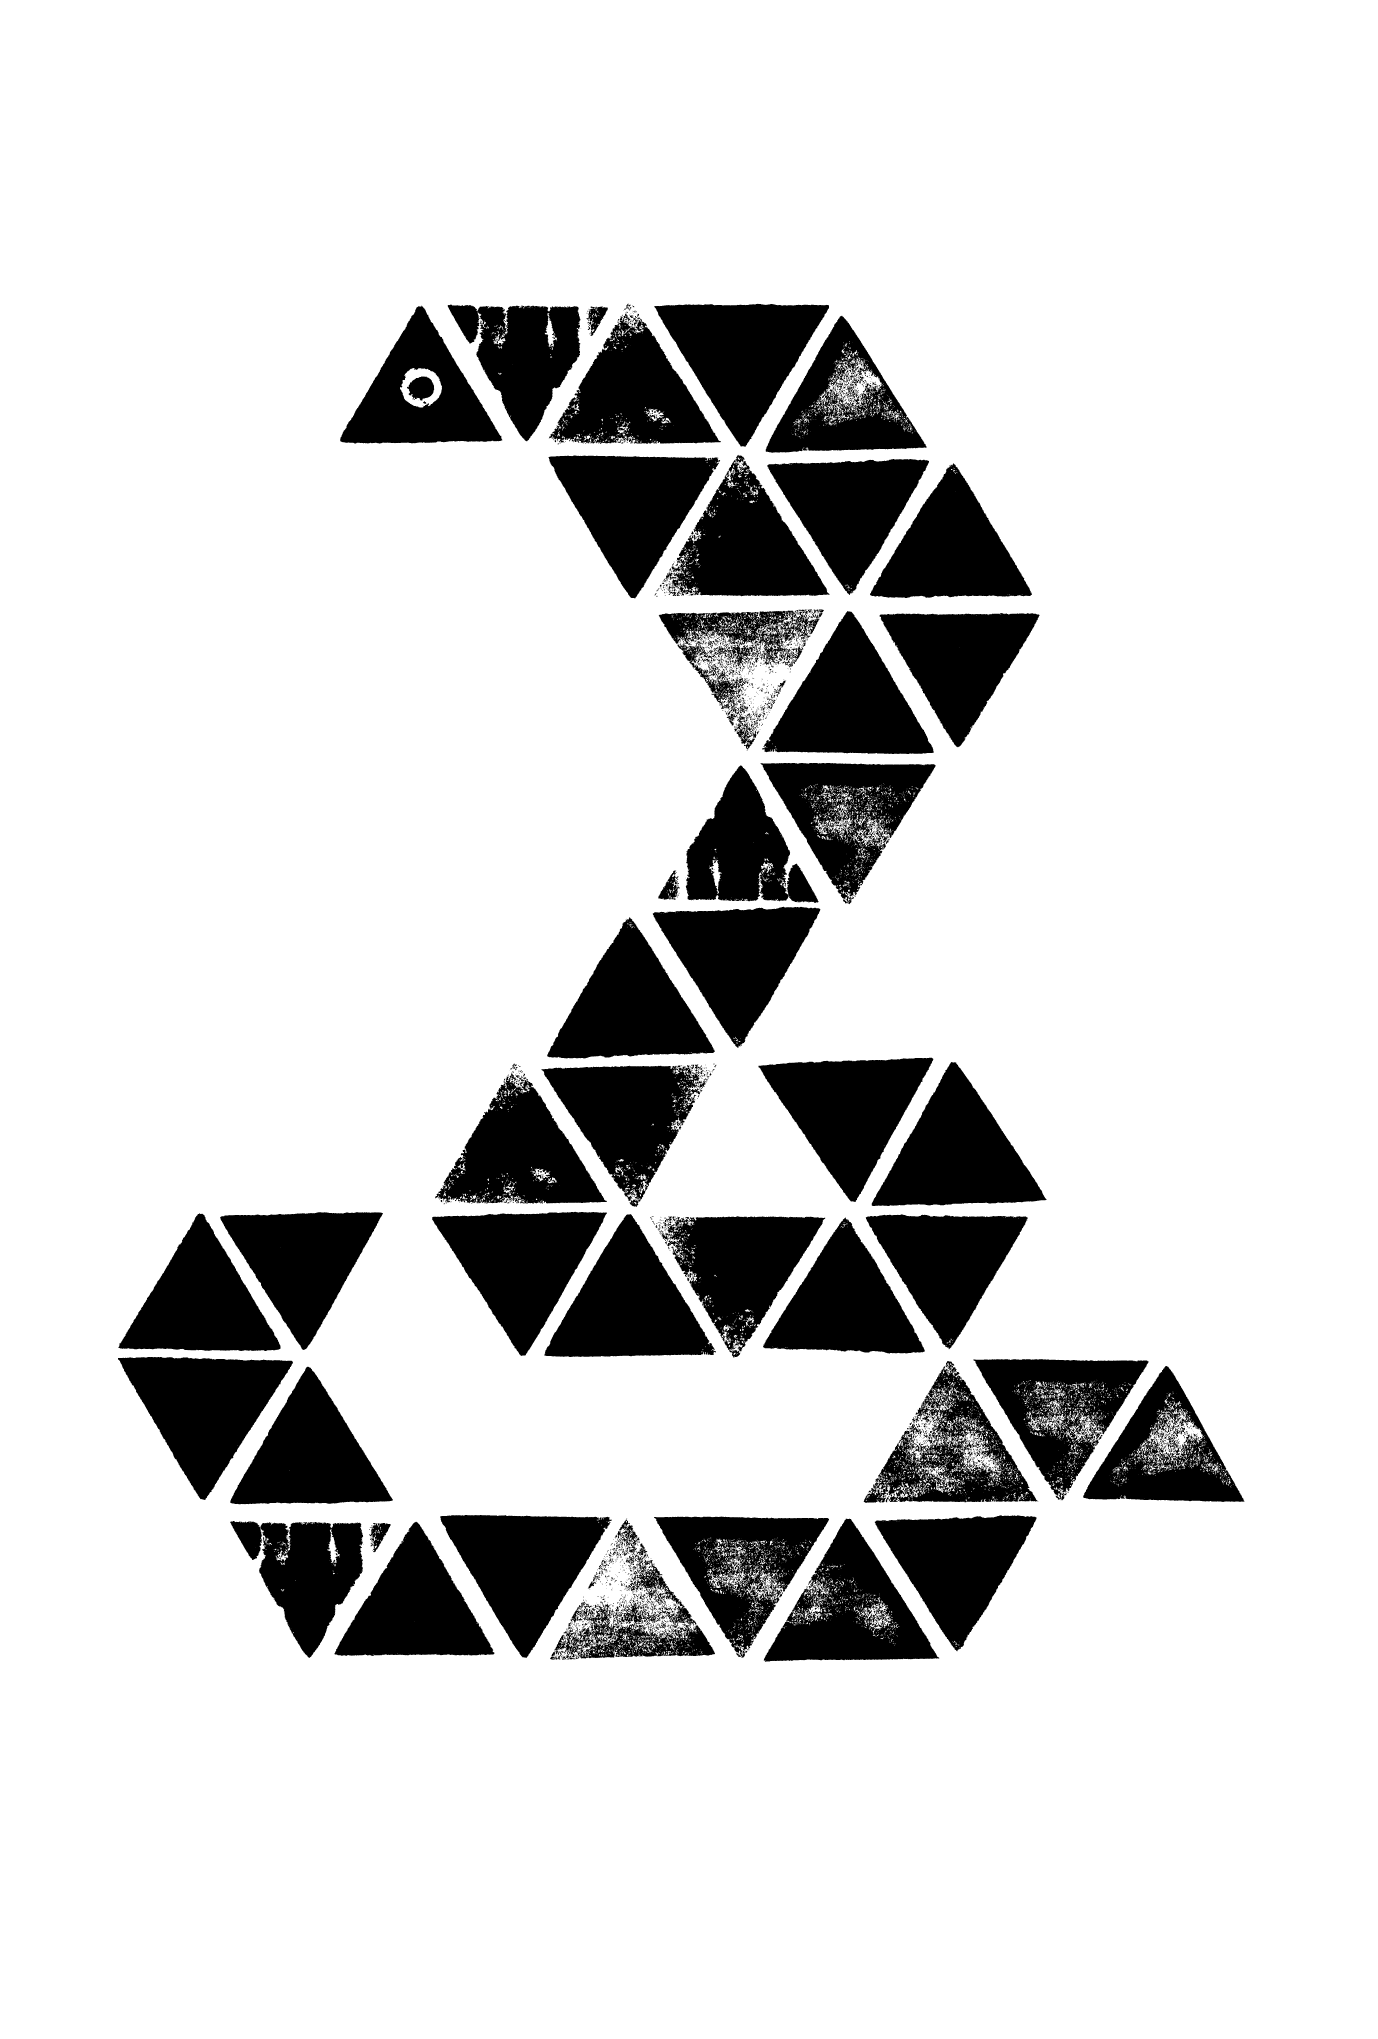 2013年賀状31-2:Triangle Cobra / 2のダウンロード画像